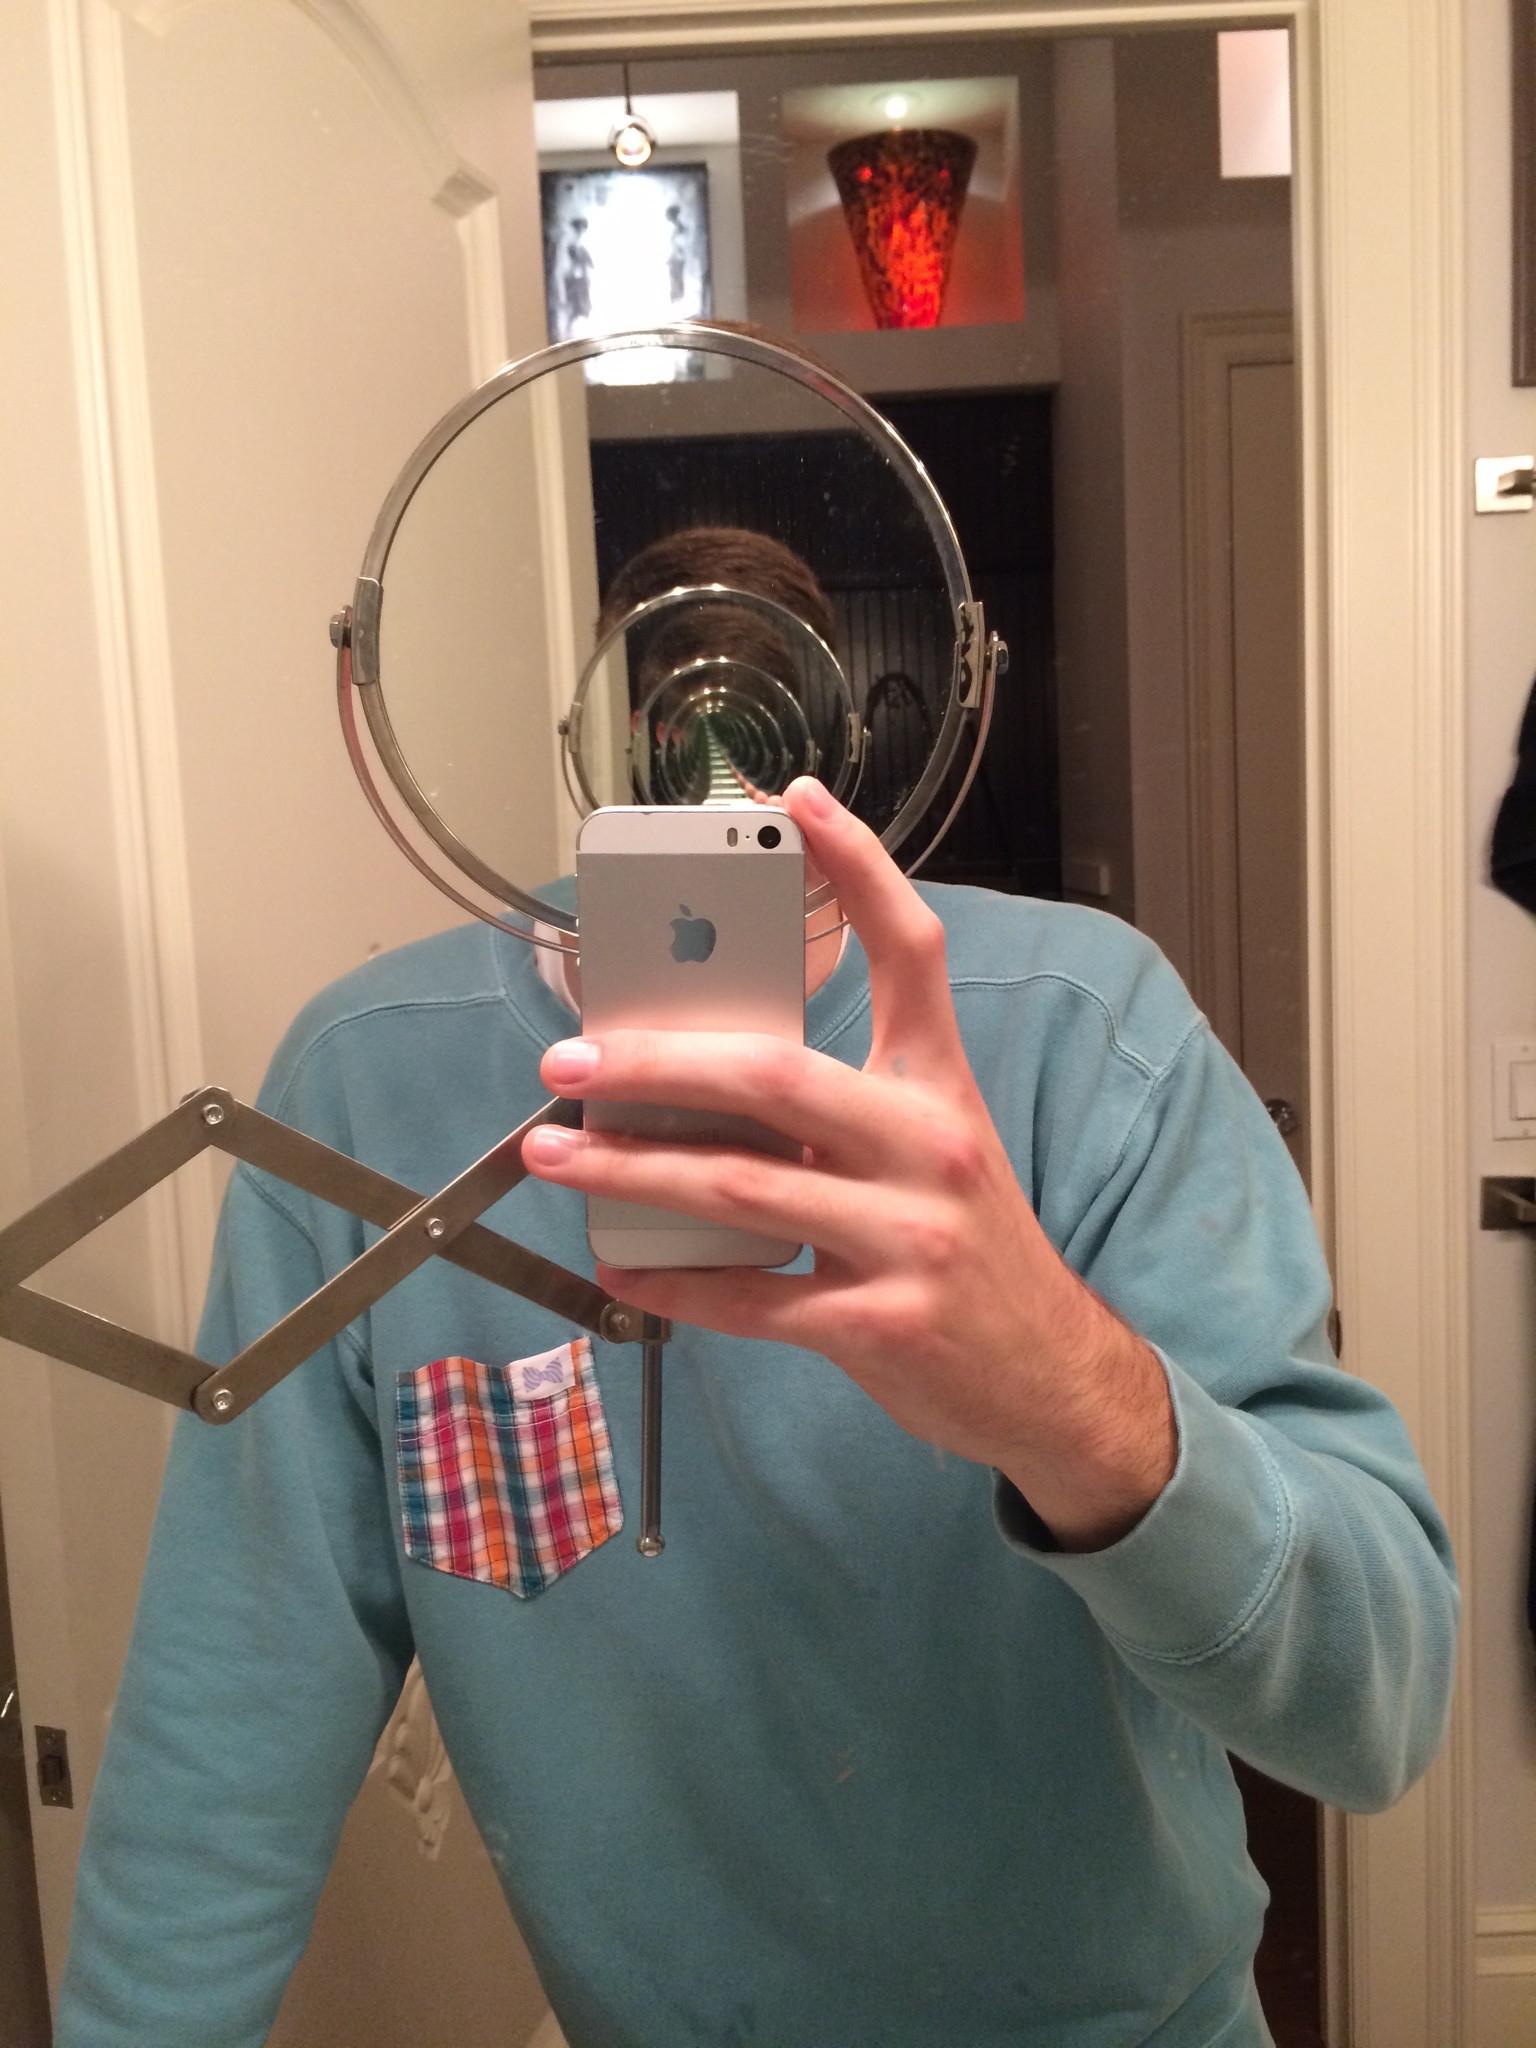 сфотографировать в зеркале без камеры тому, что его